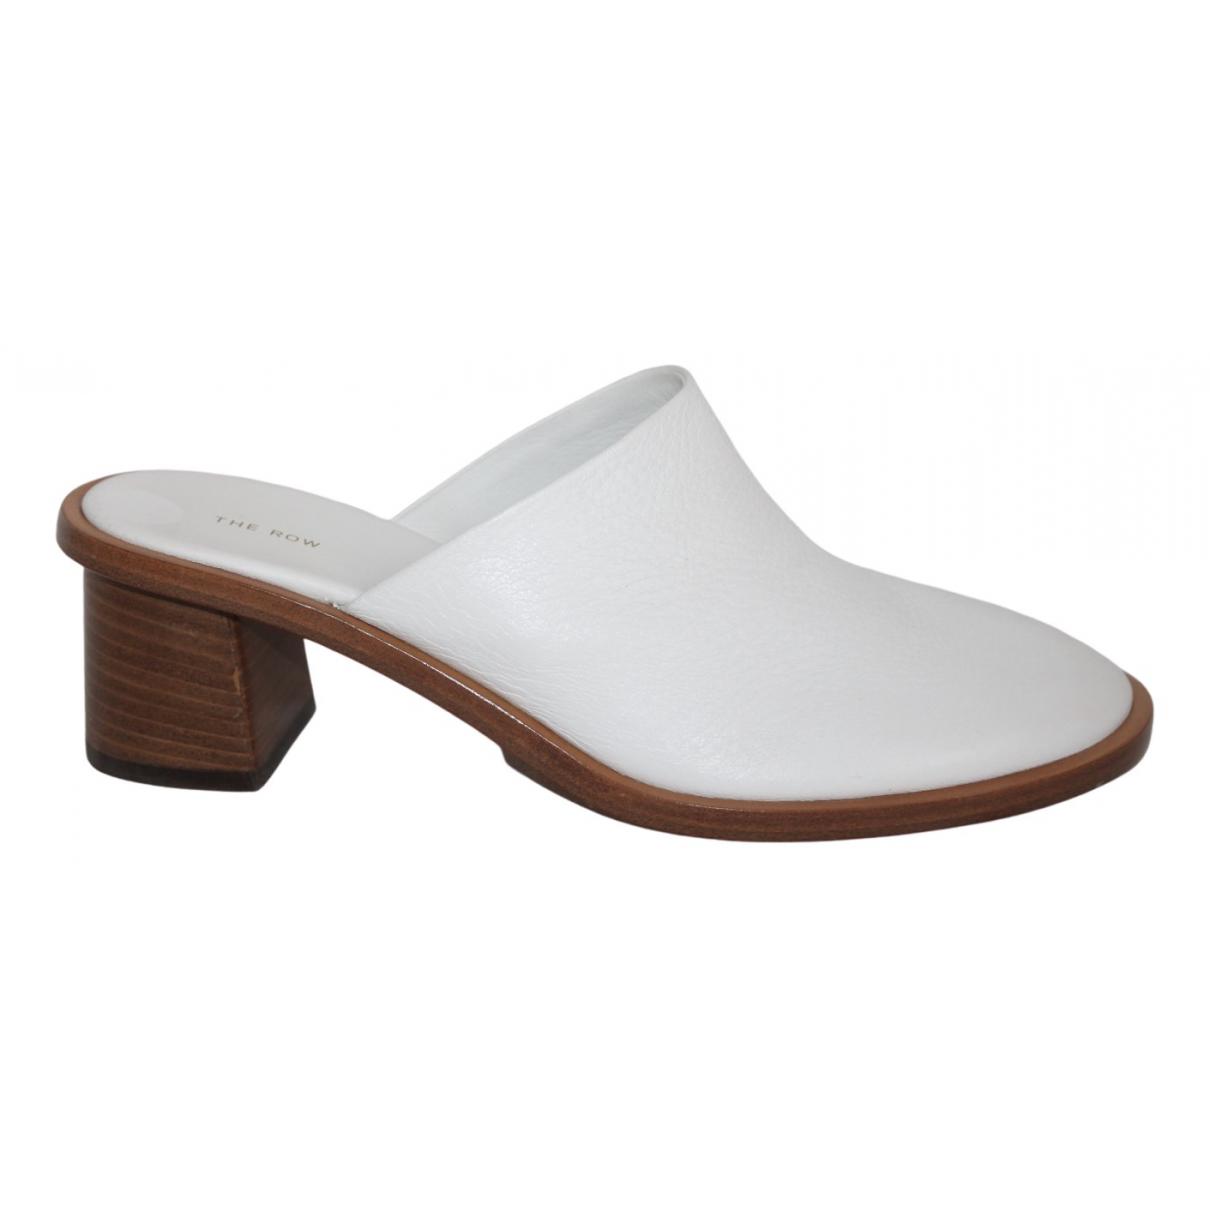 The Row - Sabots   pour femme en cuir - blanc